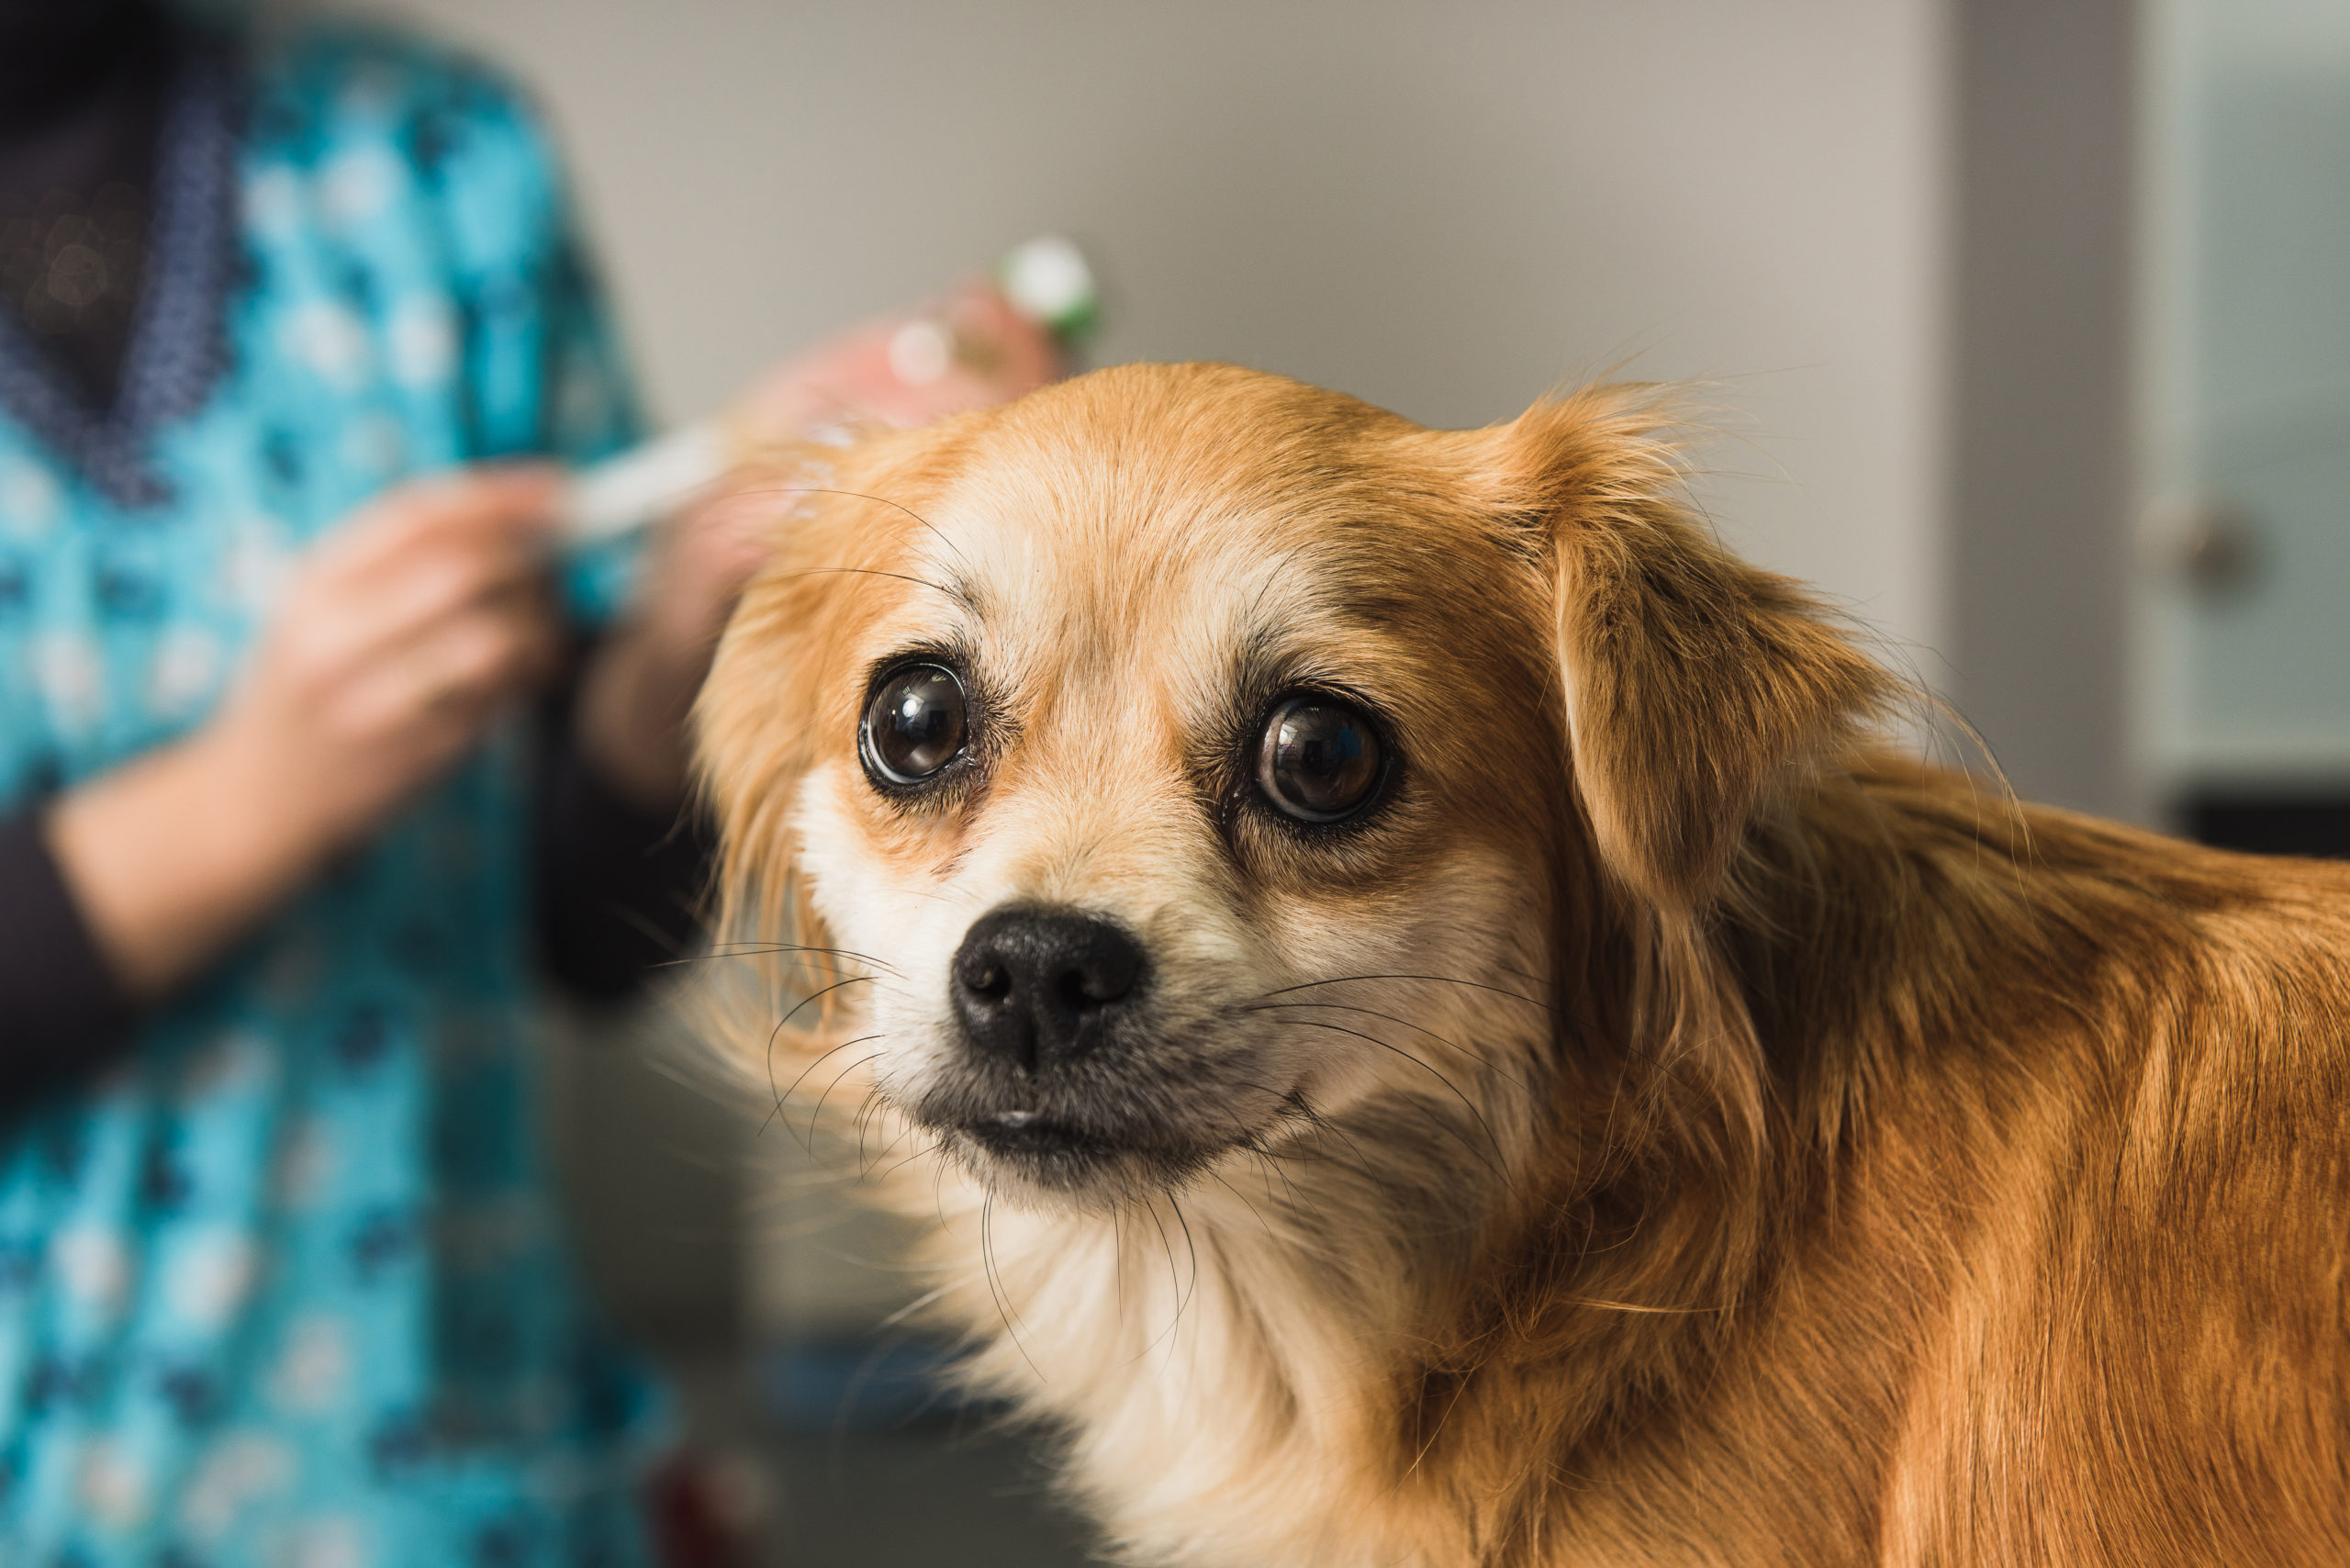 nervous dog at vet office